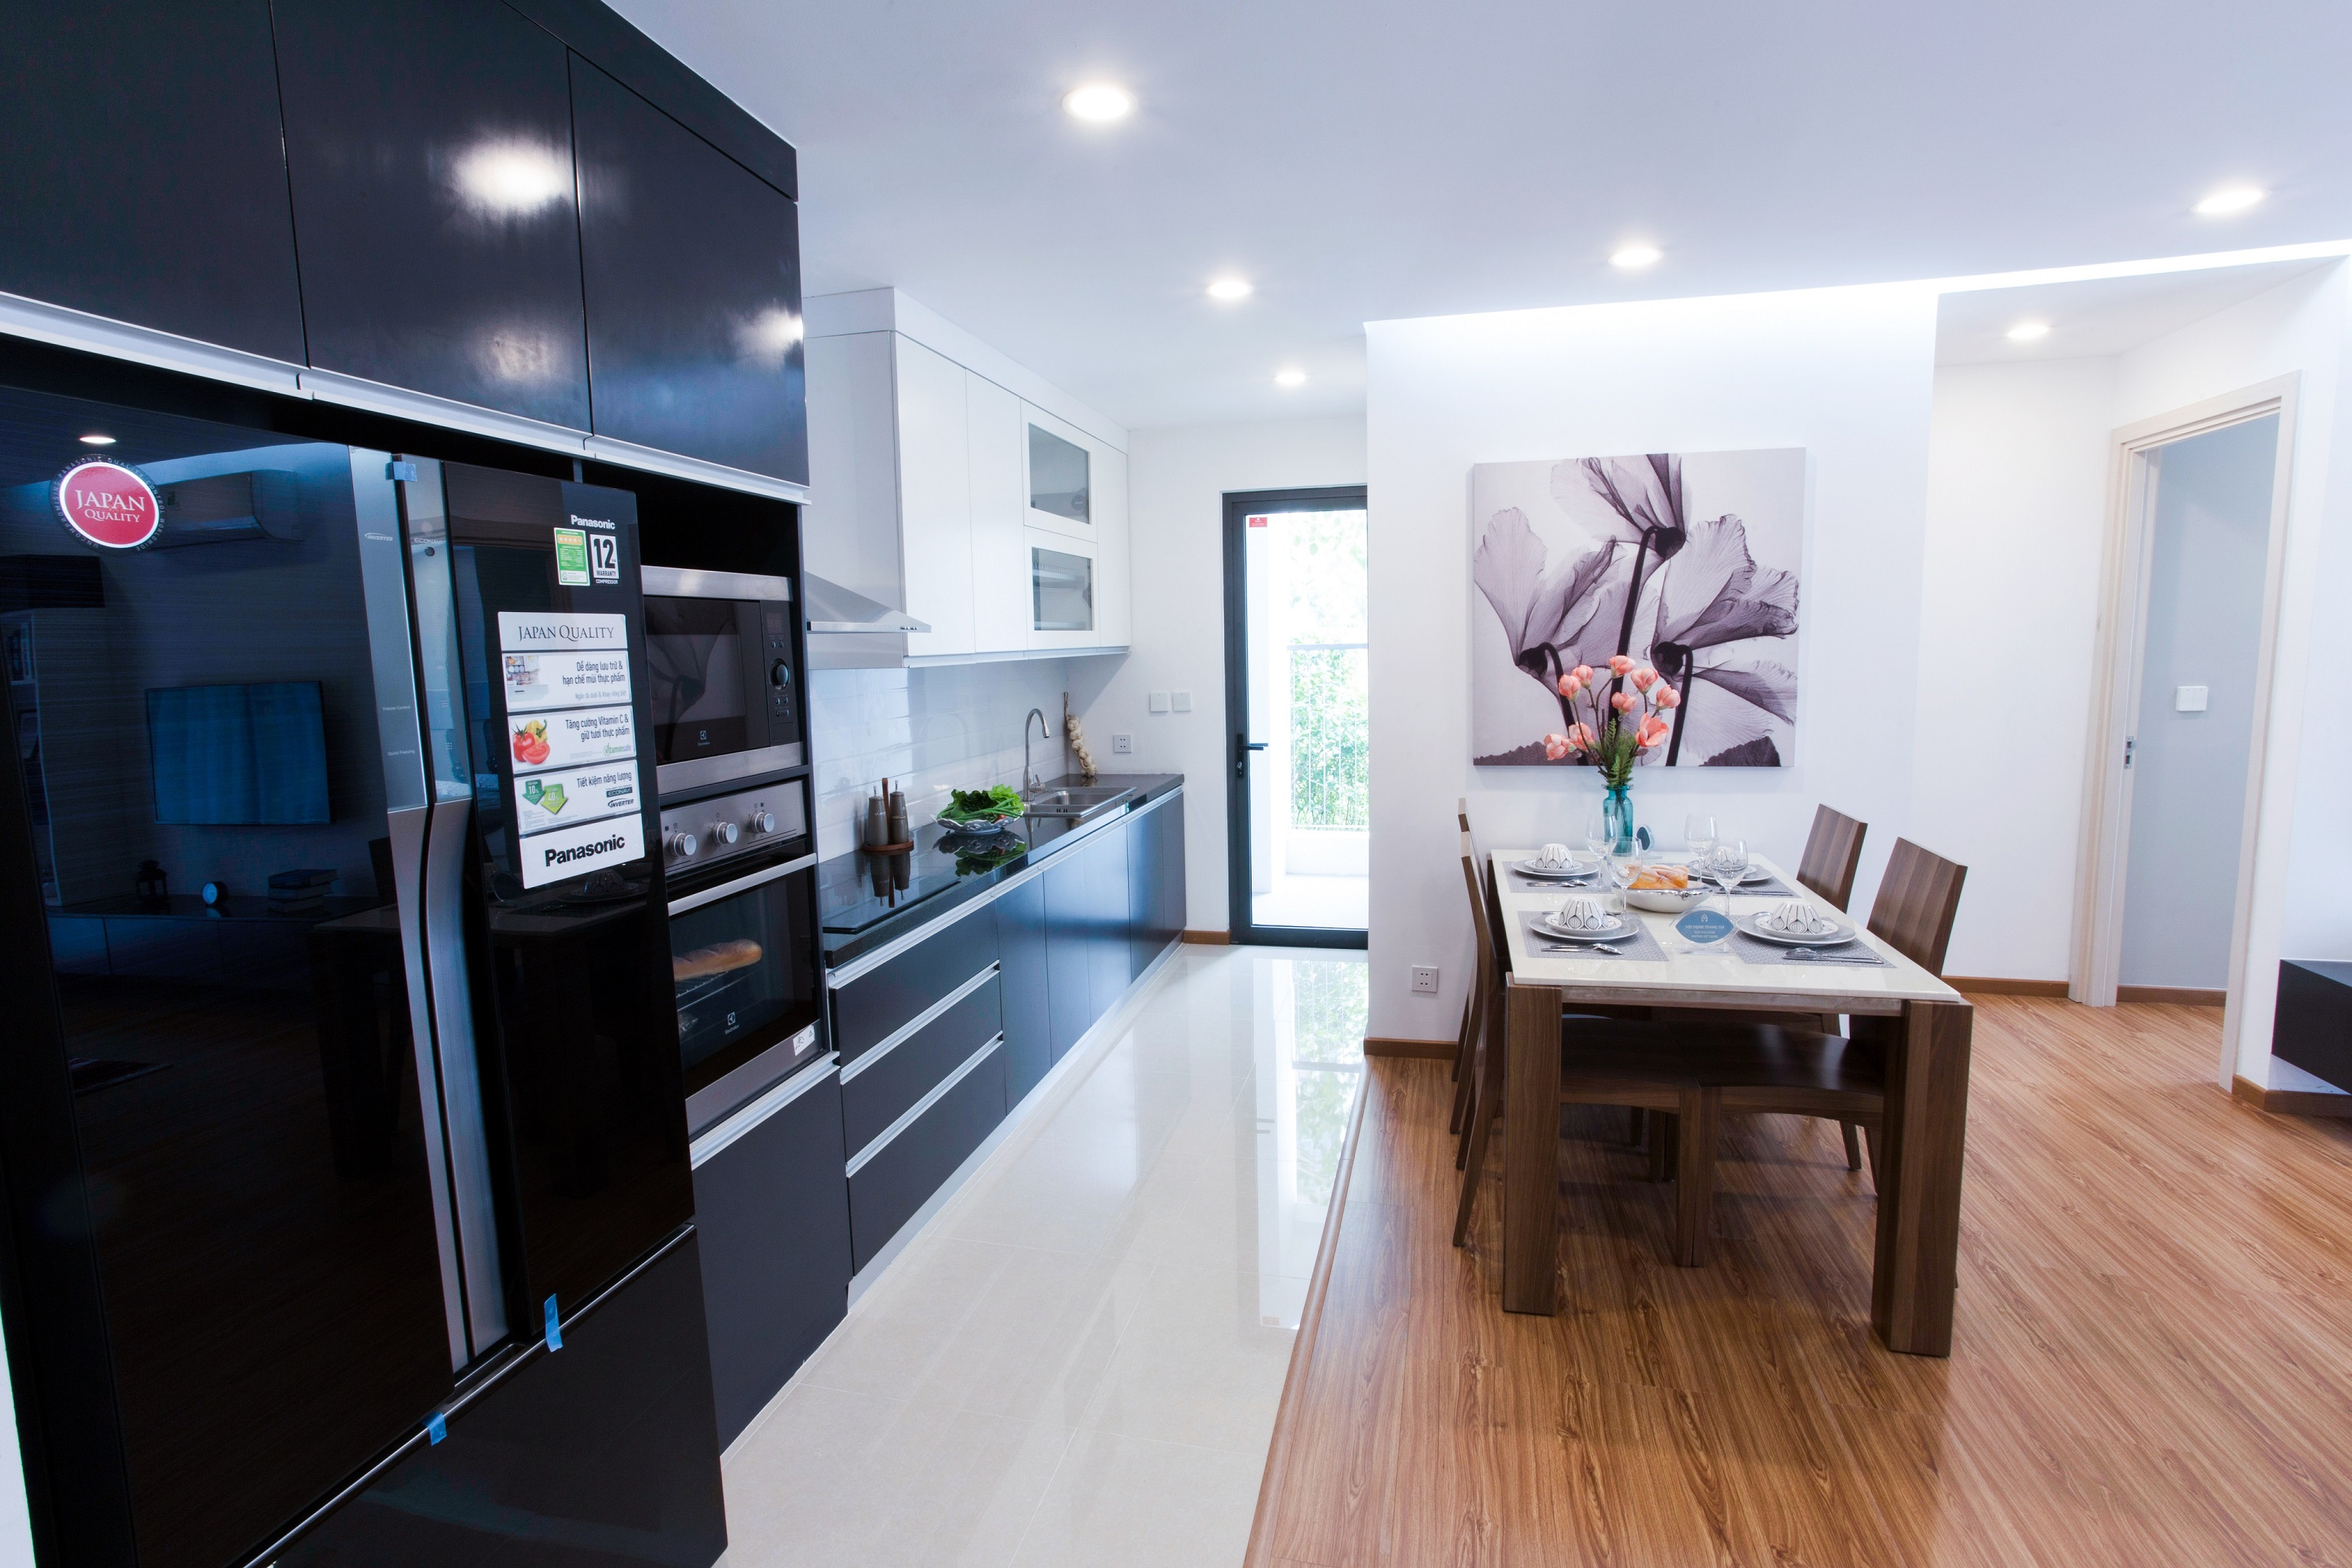 CĐT rất tinh tế khi đã thiết kế 1 logia nhỏ ở ngay bên cạnh khu vực bếp